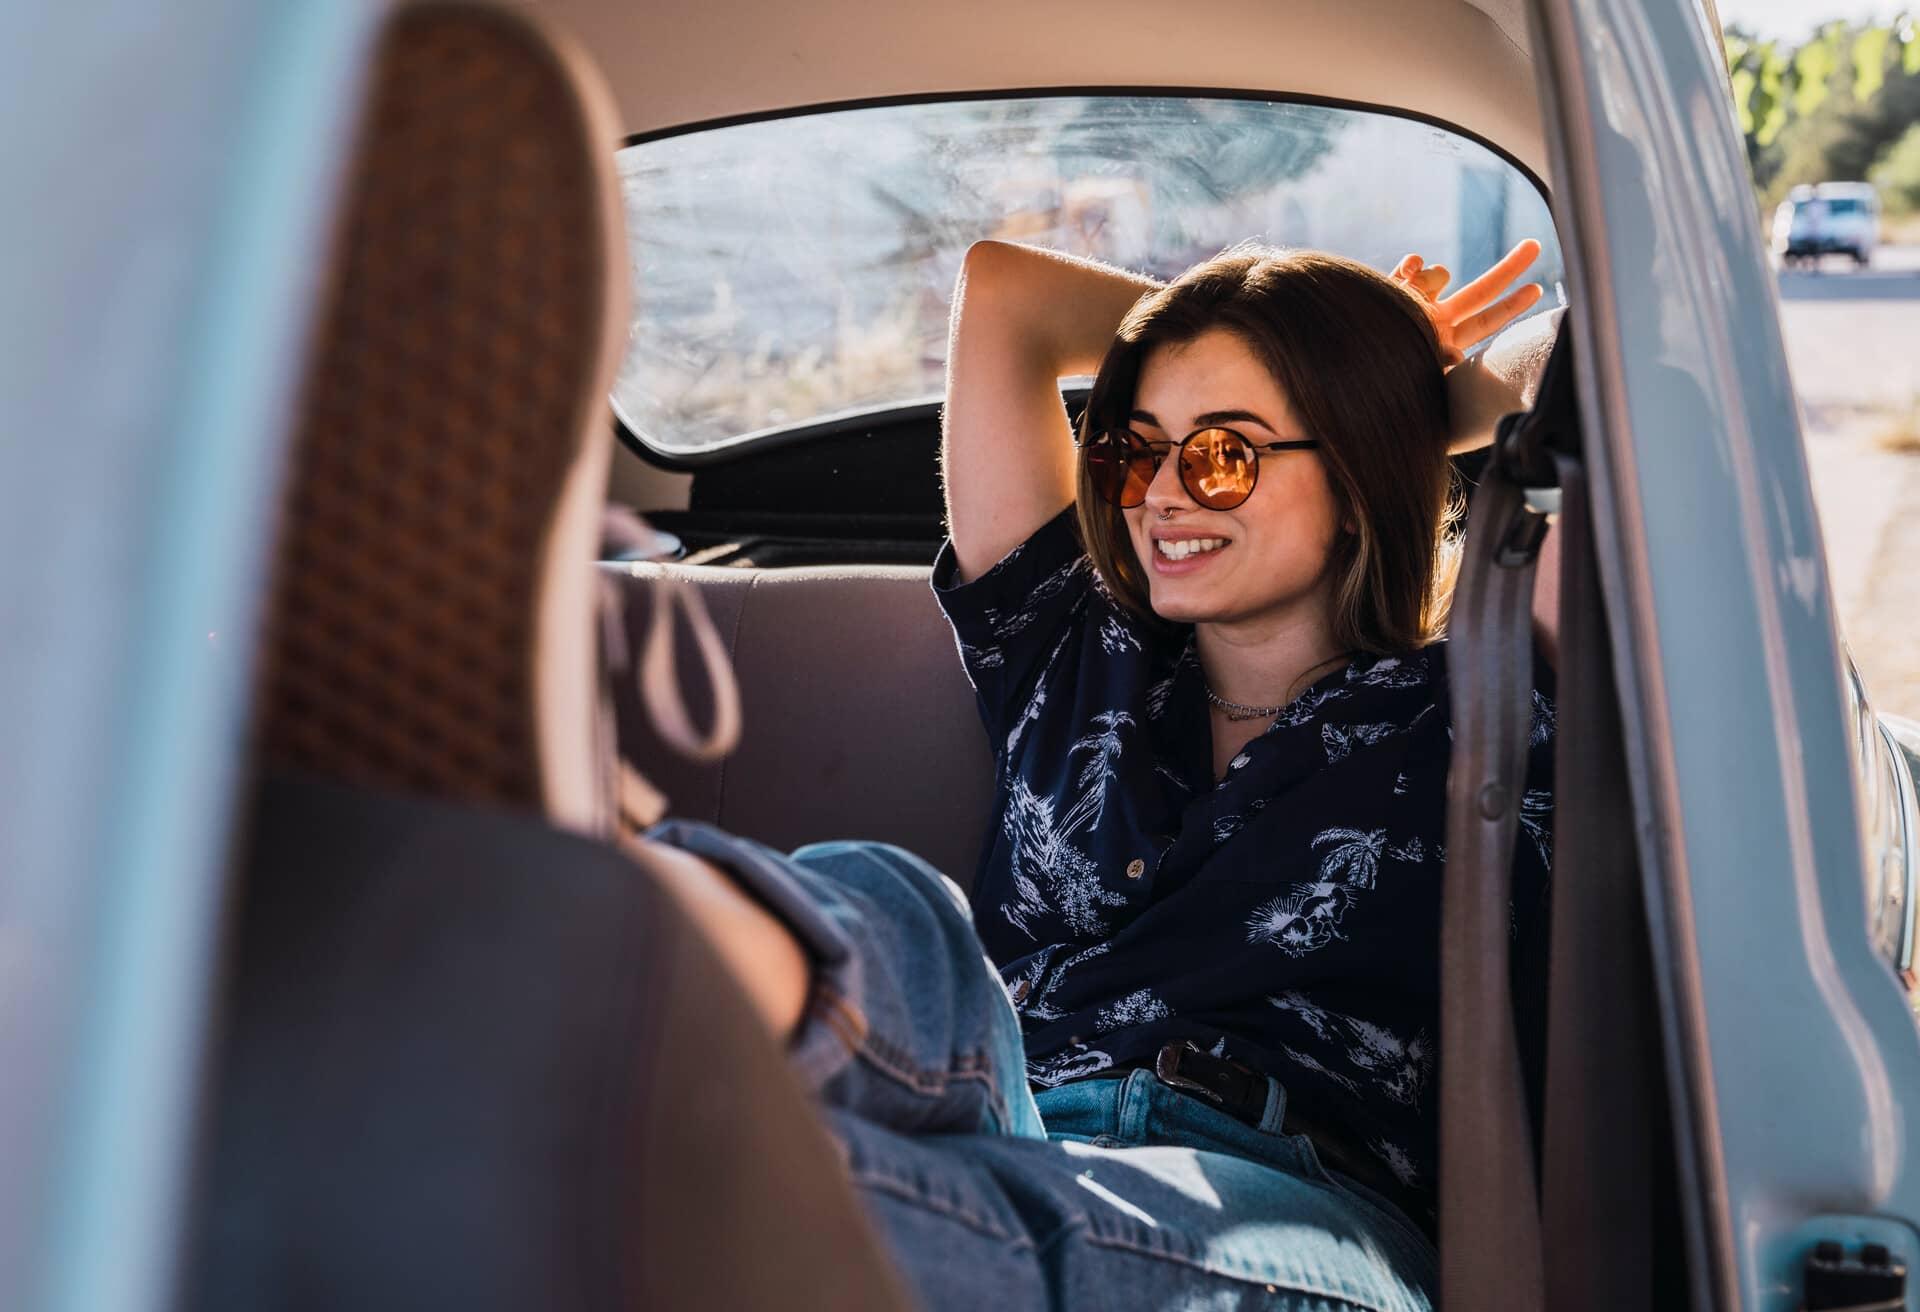 Дівчинка на задньому сидінні насолоджується автомобільною поїздкою.